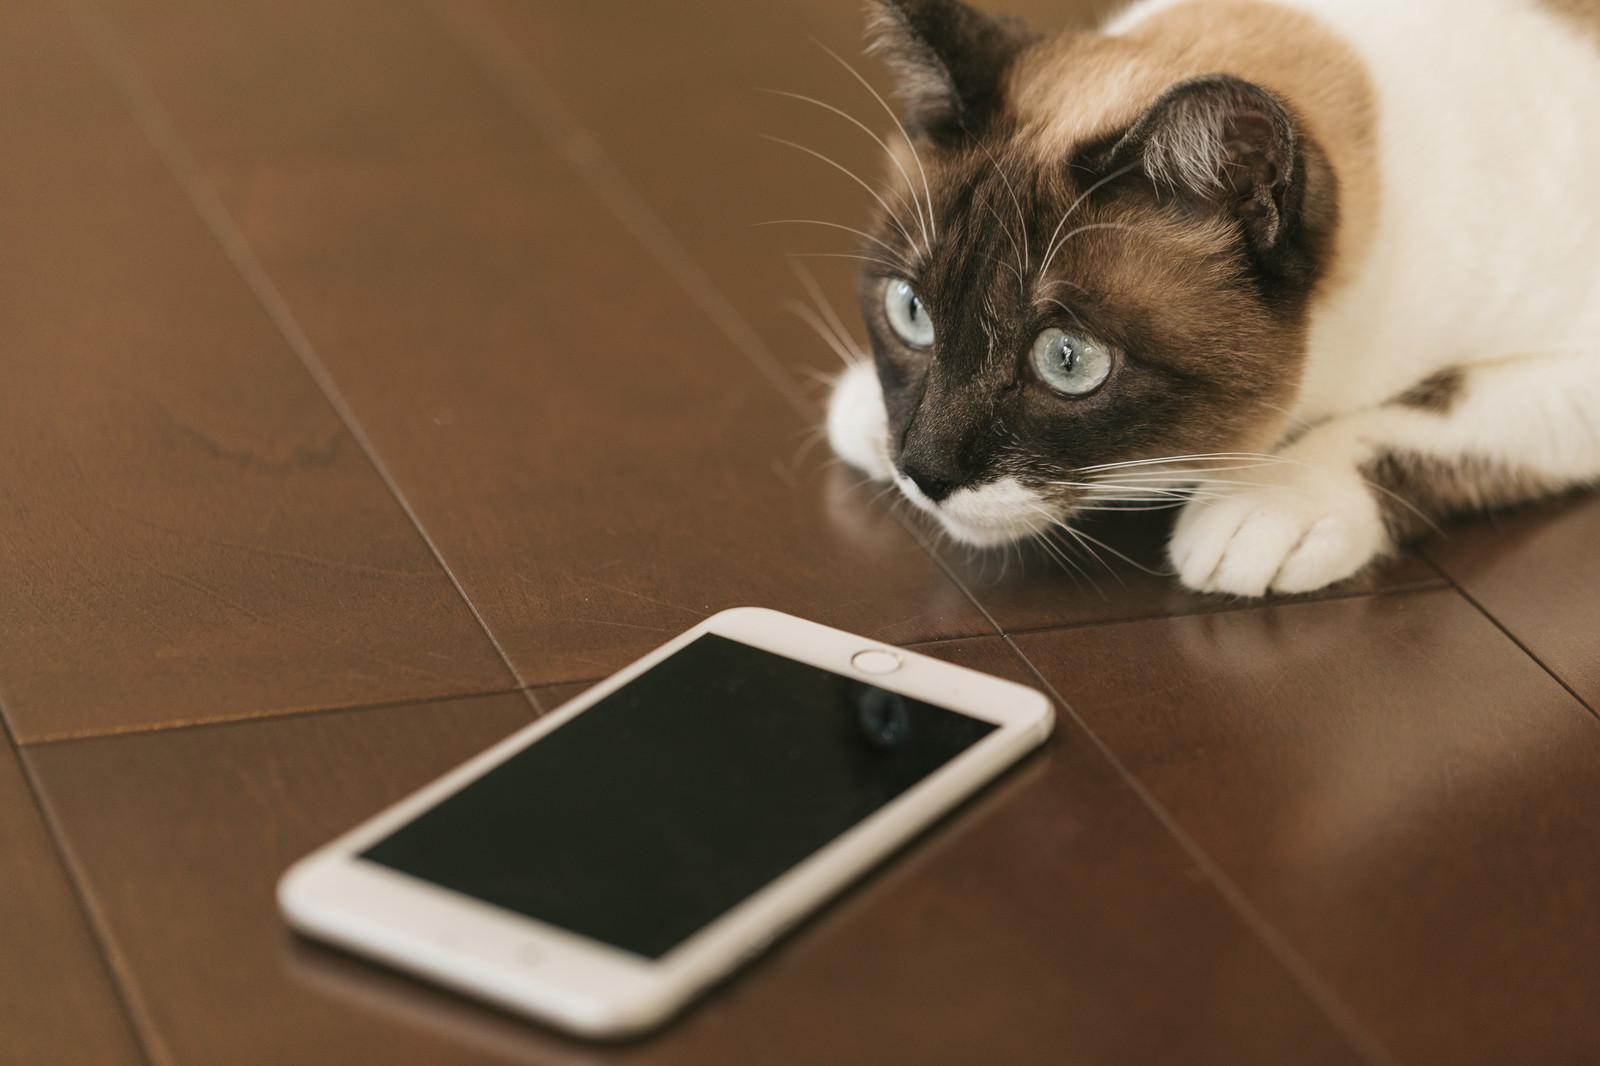 口座振替で契約できる格安SIMの中で、昼も夜も速いのは?